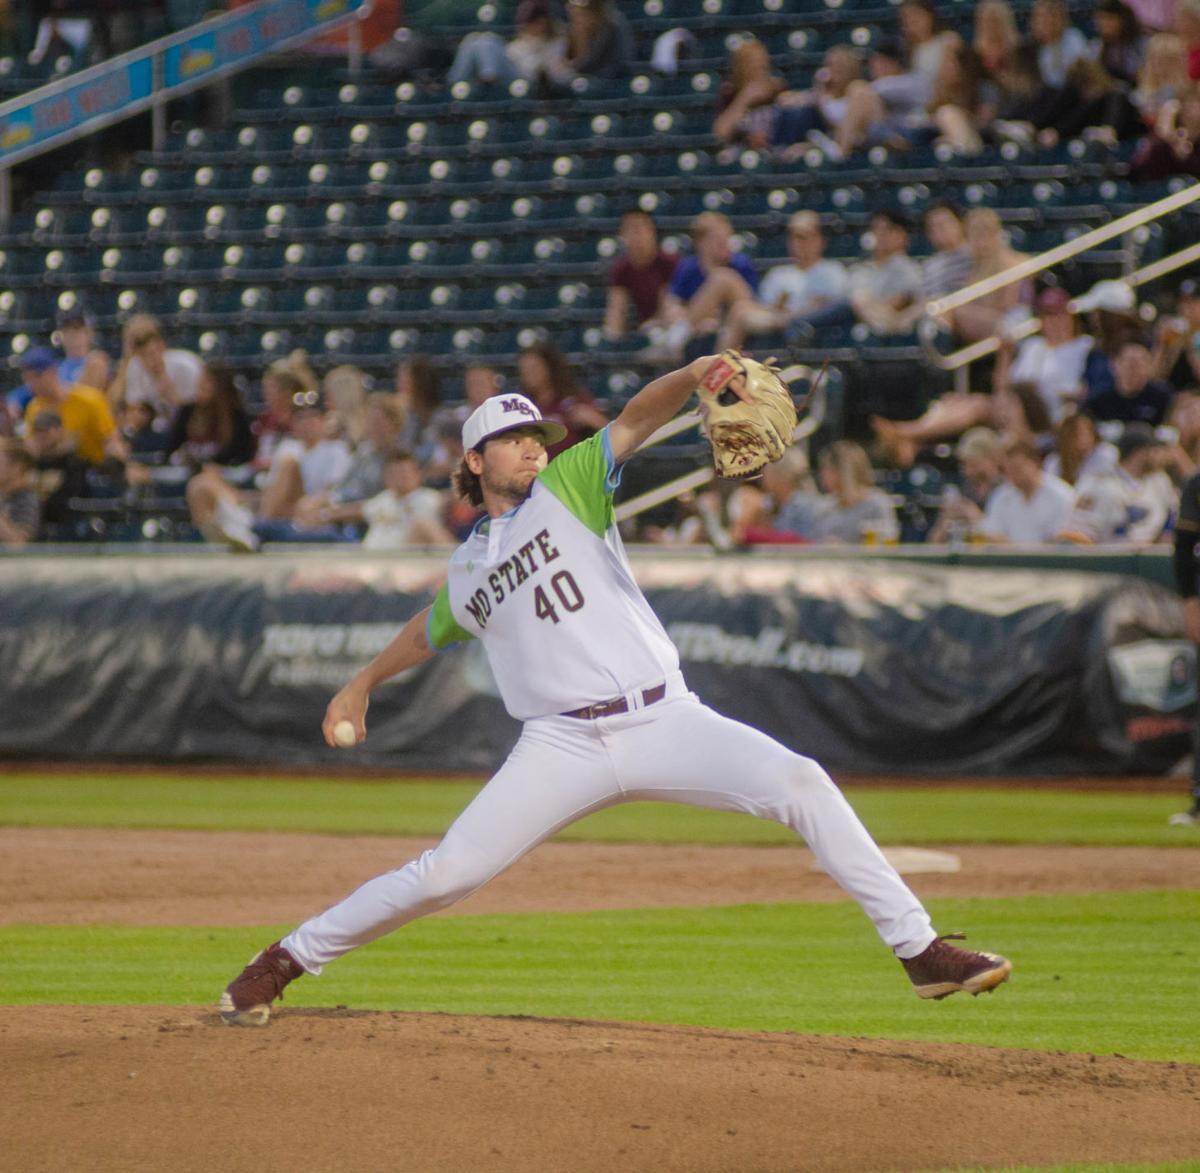 Zach Gibbs pitches